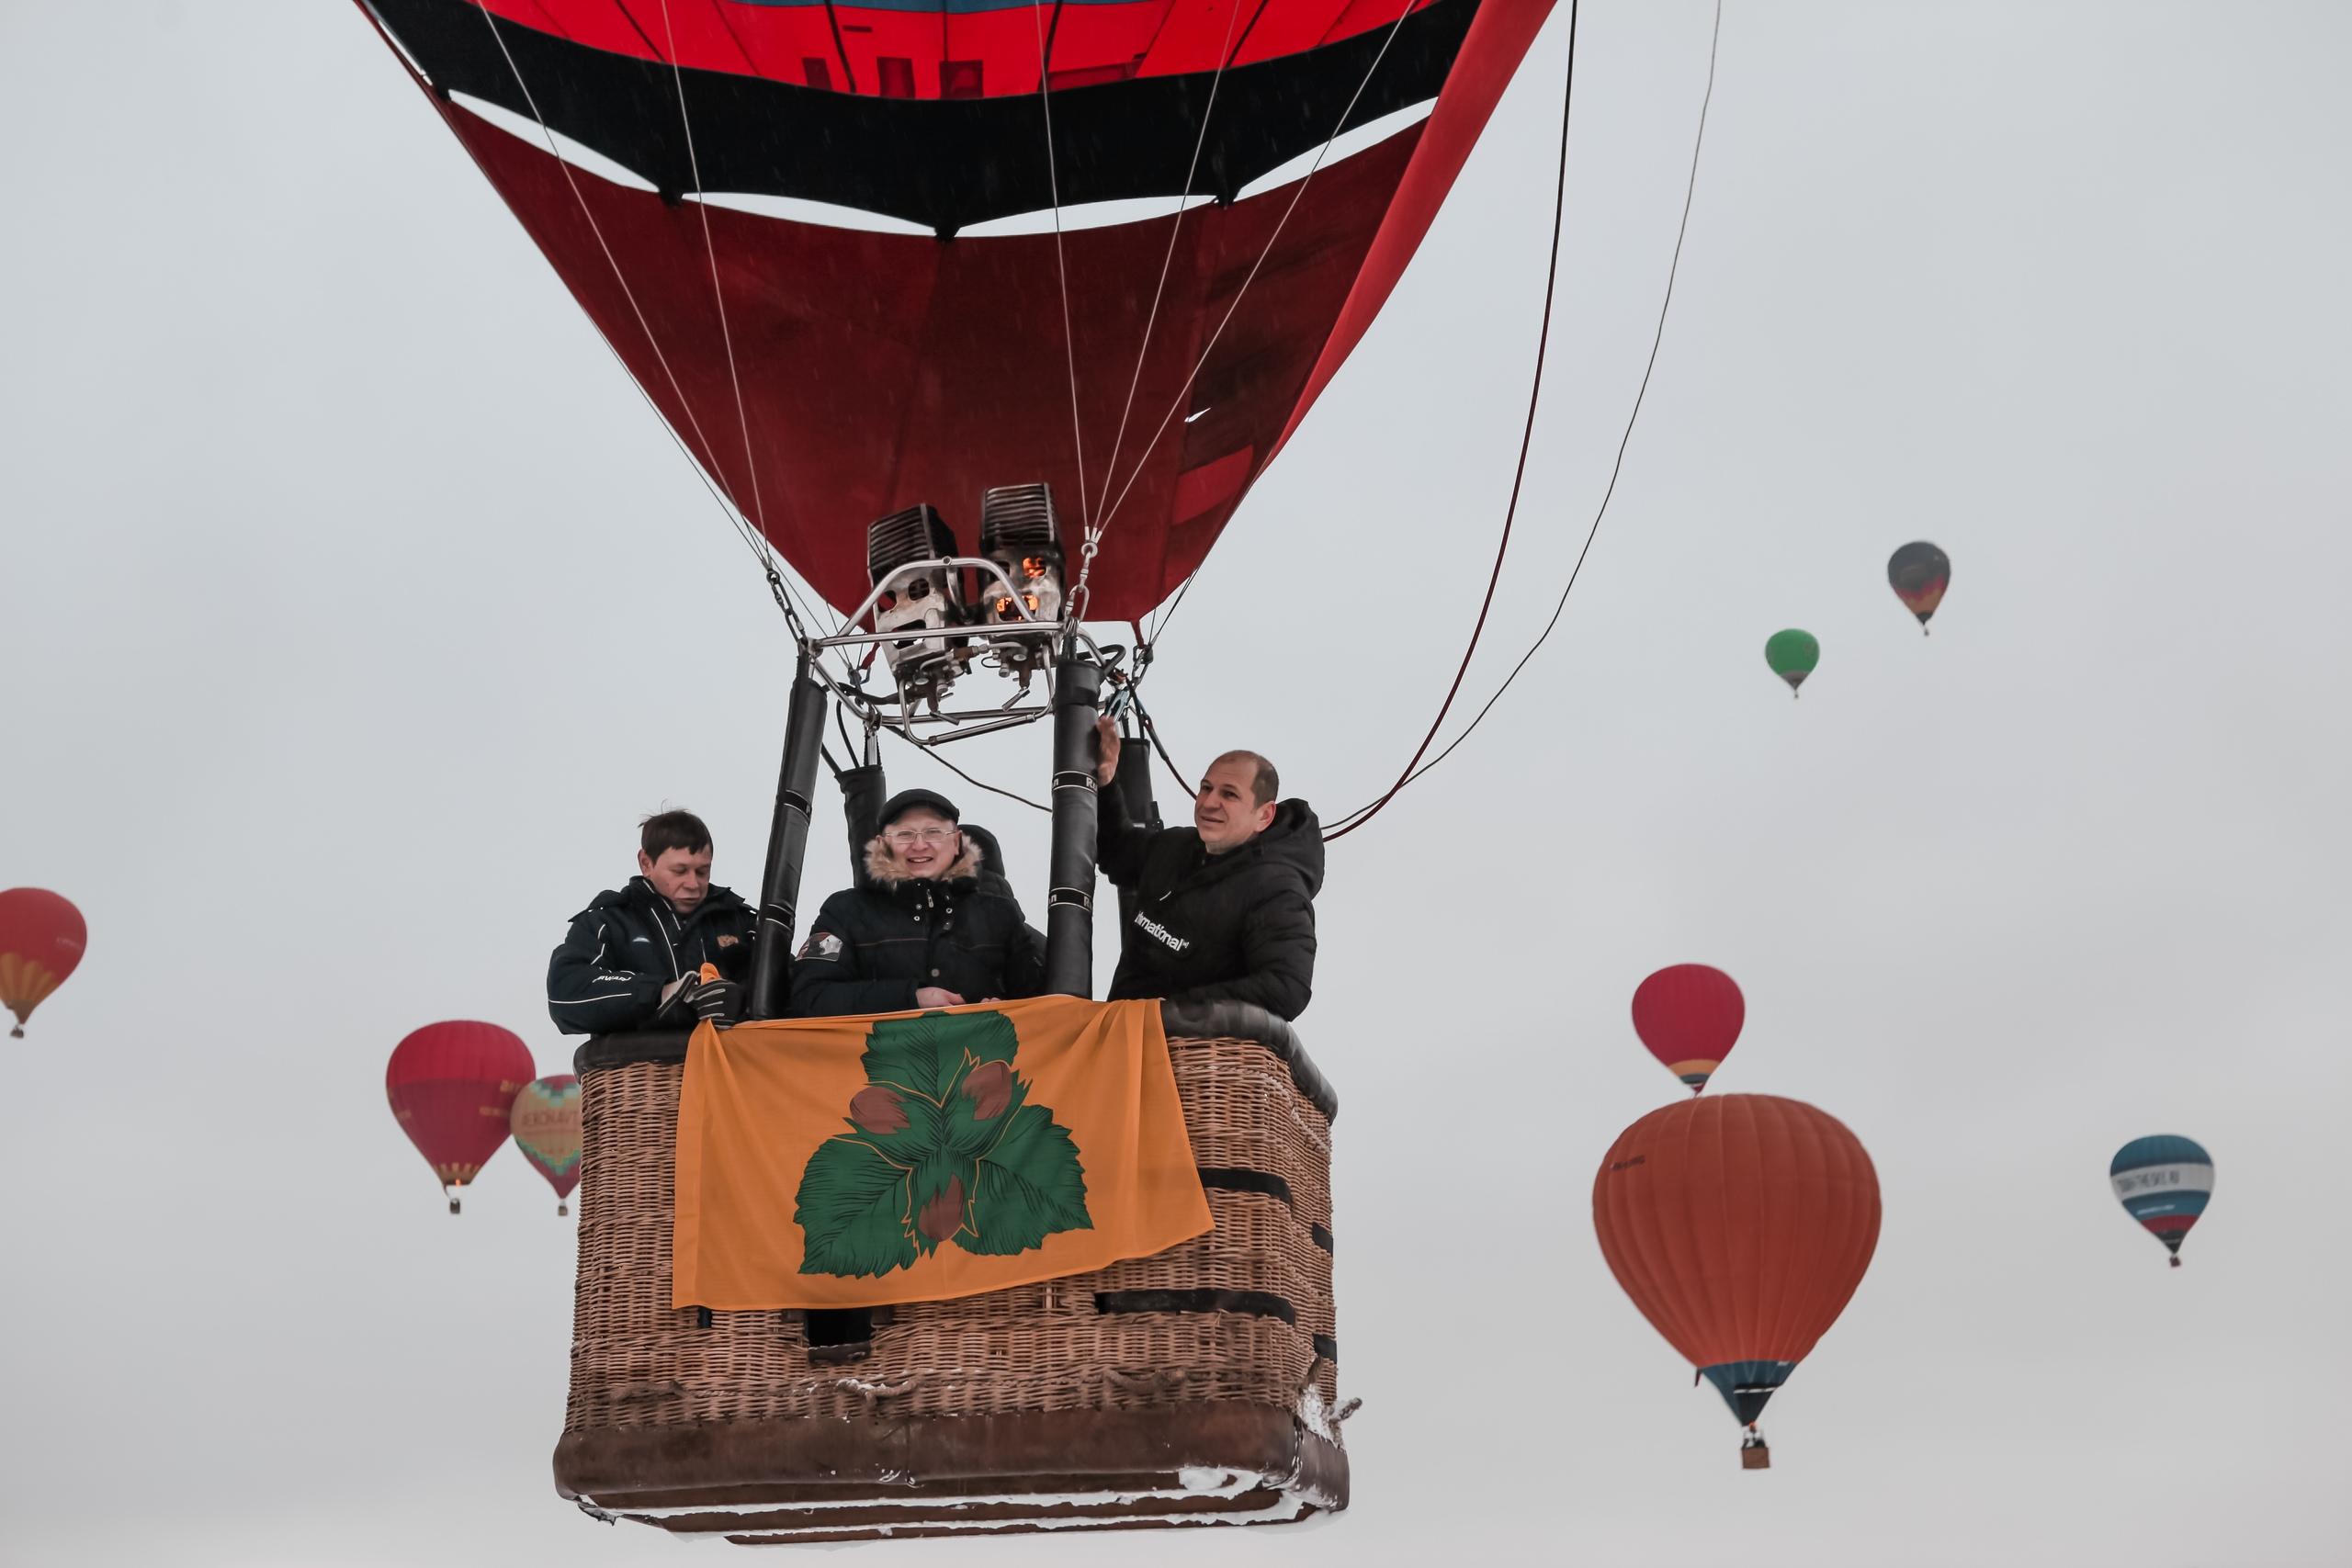 Флаг с гербом Орехова-Борисова Южного запустили в подмосковное небо